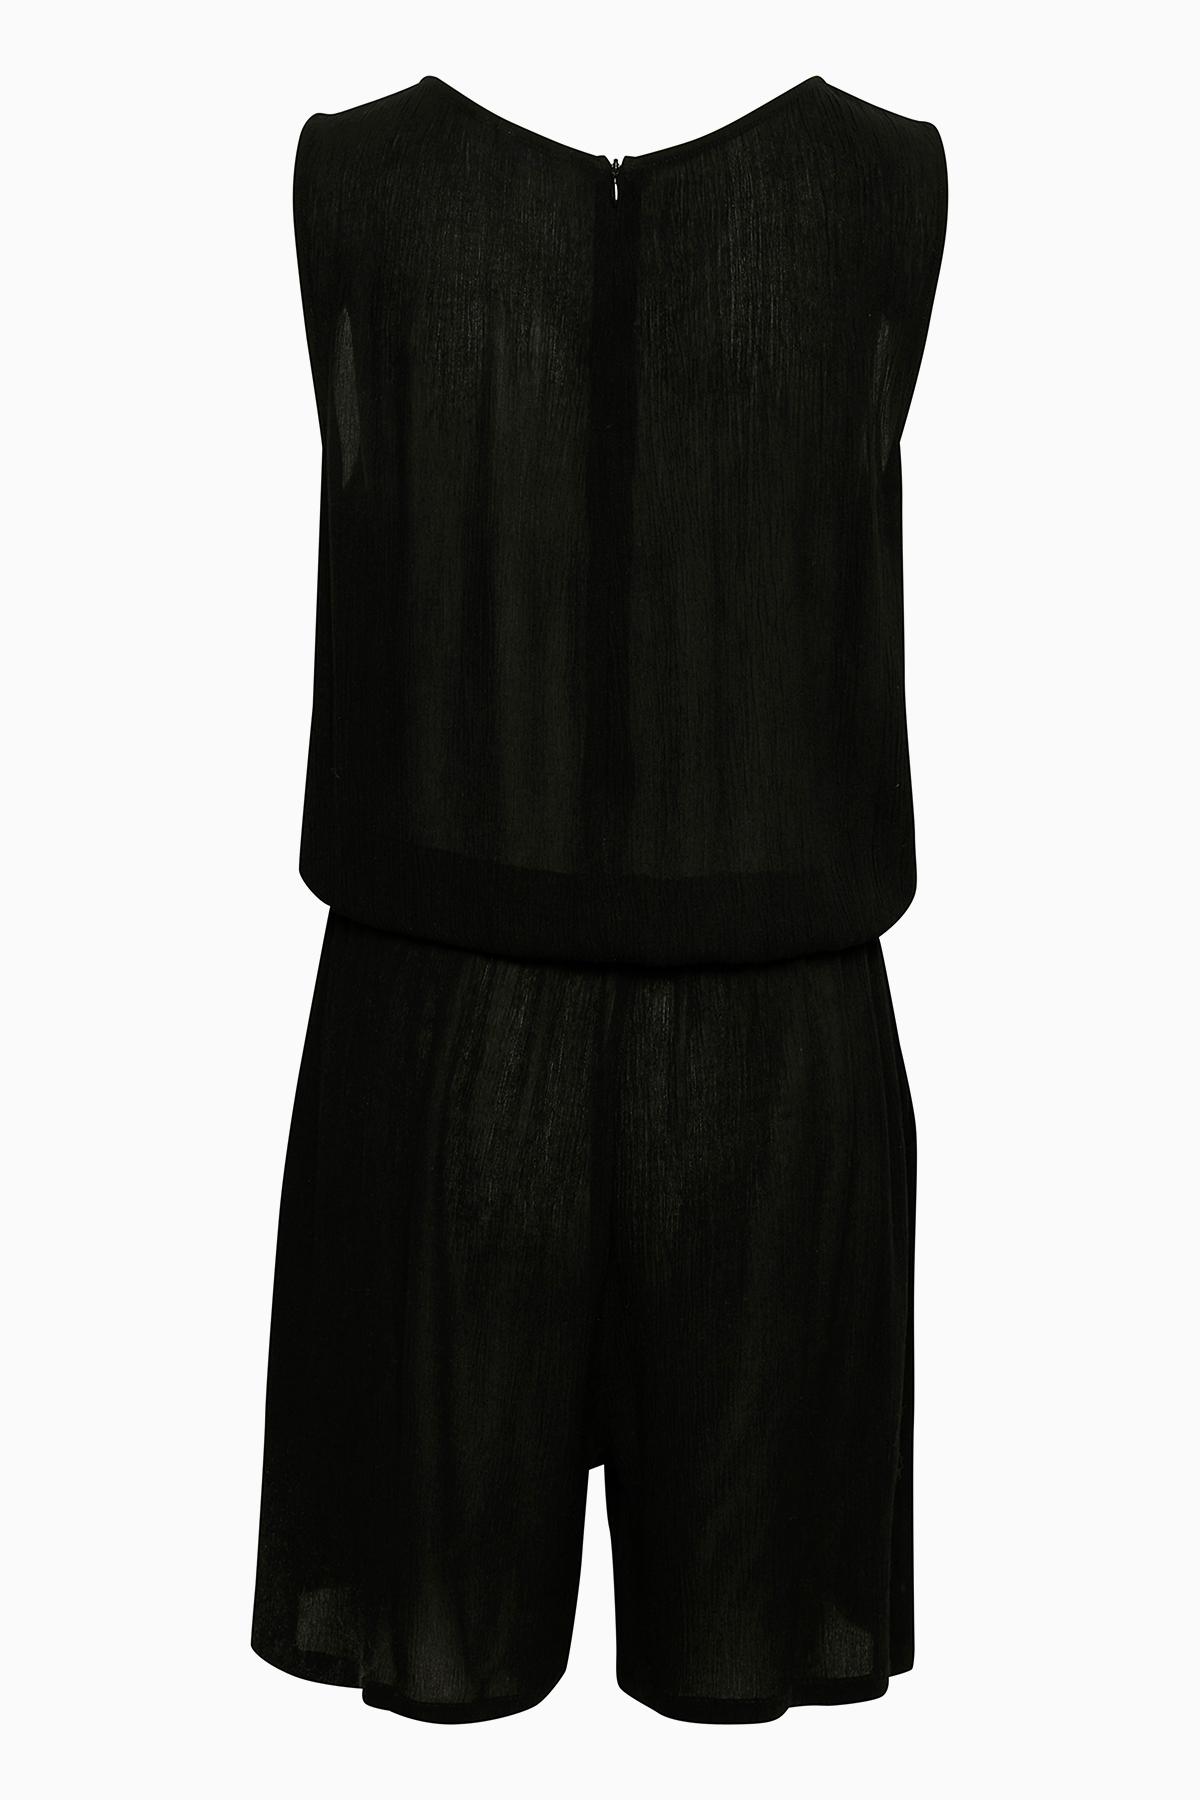 Sort Shorts fra Bon'A Parte – Køb Sort Shorts fra str. S-2XL her